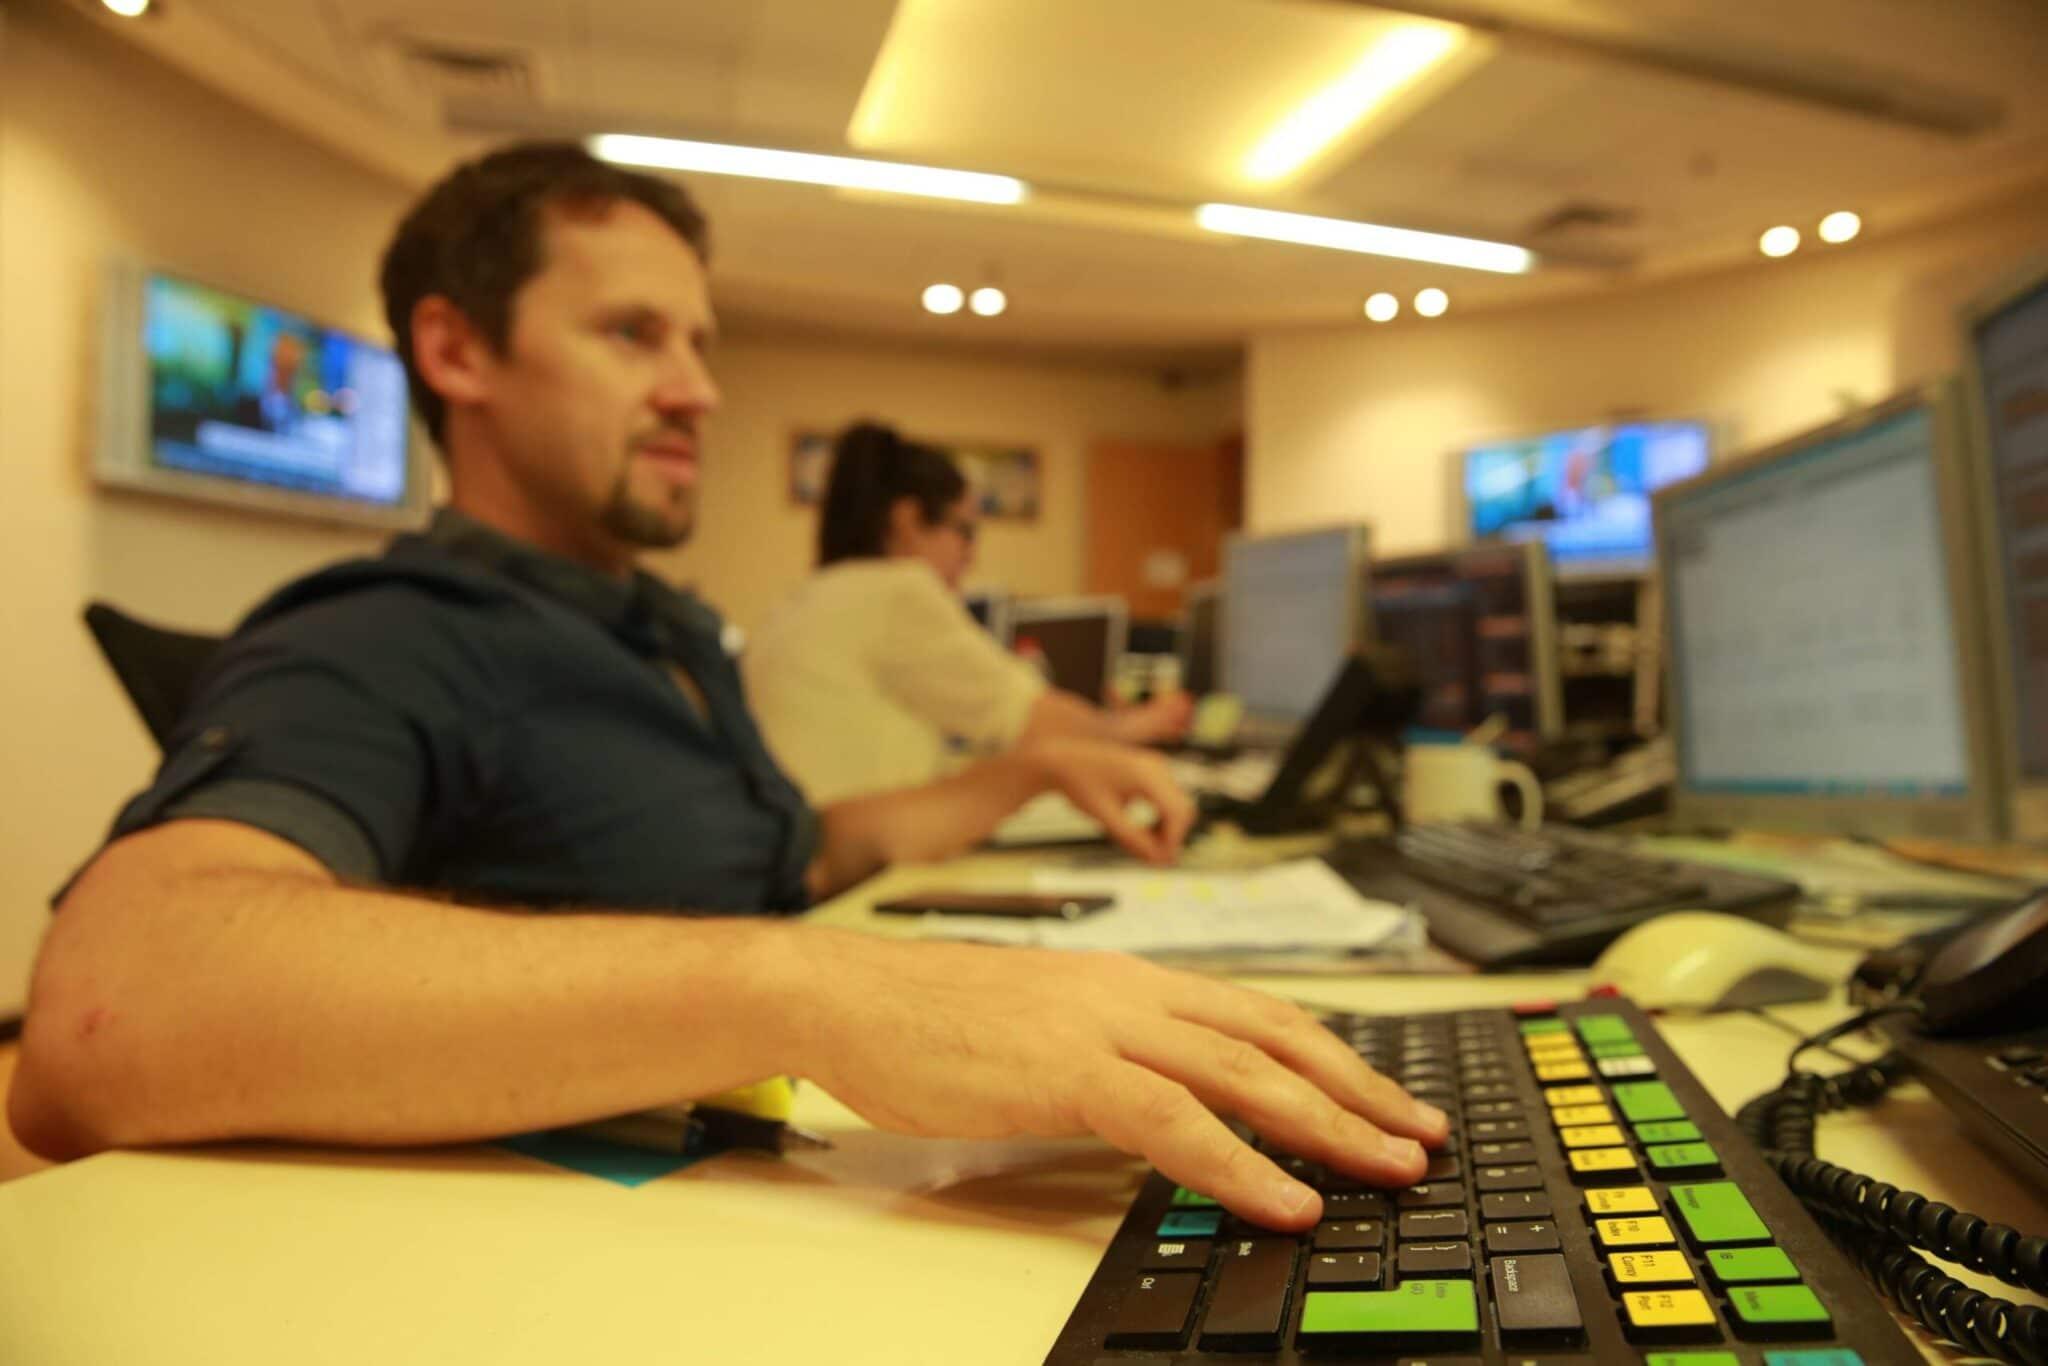 חדר המסחר והטכנולוגיות של פריקו. ניהול סיכונים פיננסים לחברות, ארגונים ומוסדות